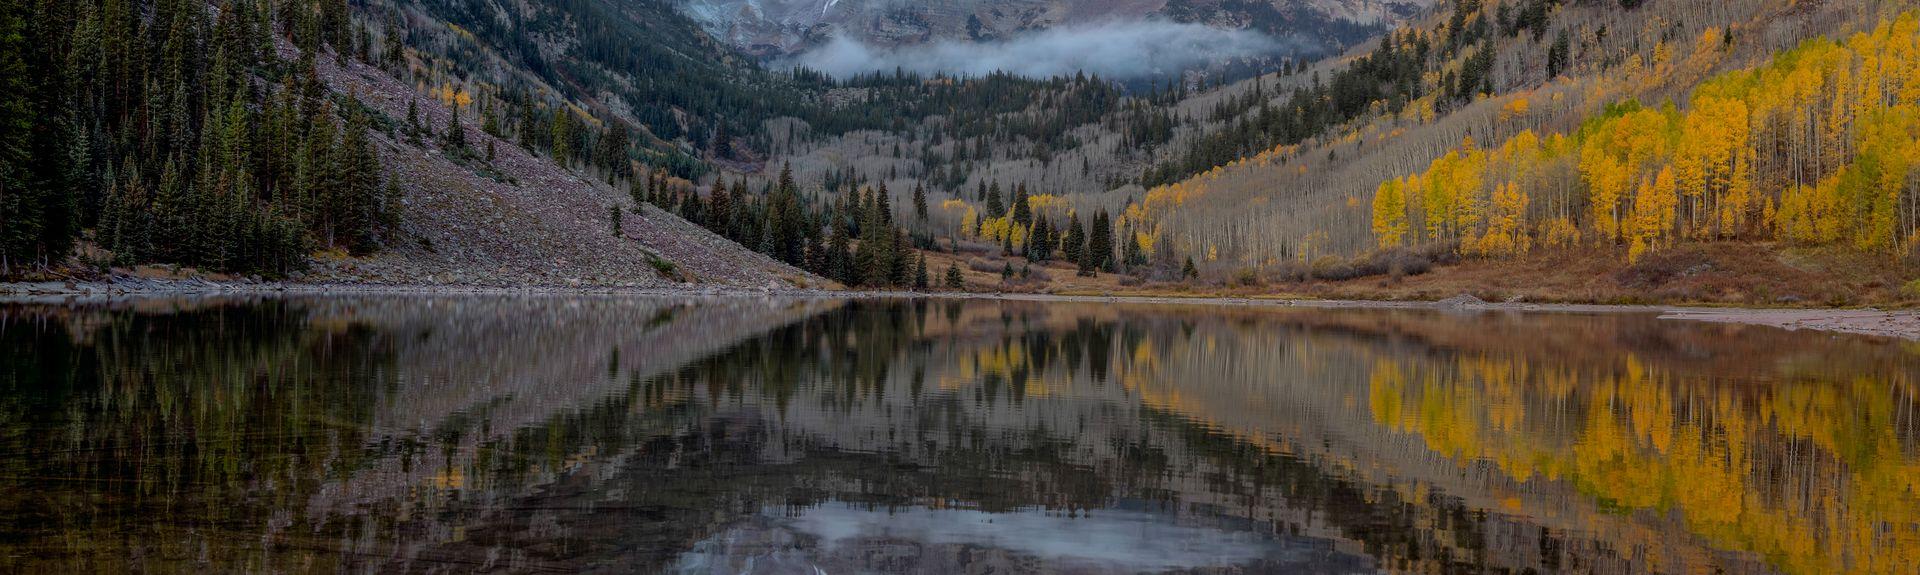 Basalt, Colorado, États-Unis d'Amérique